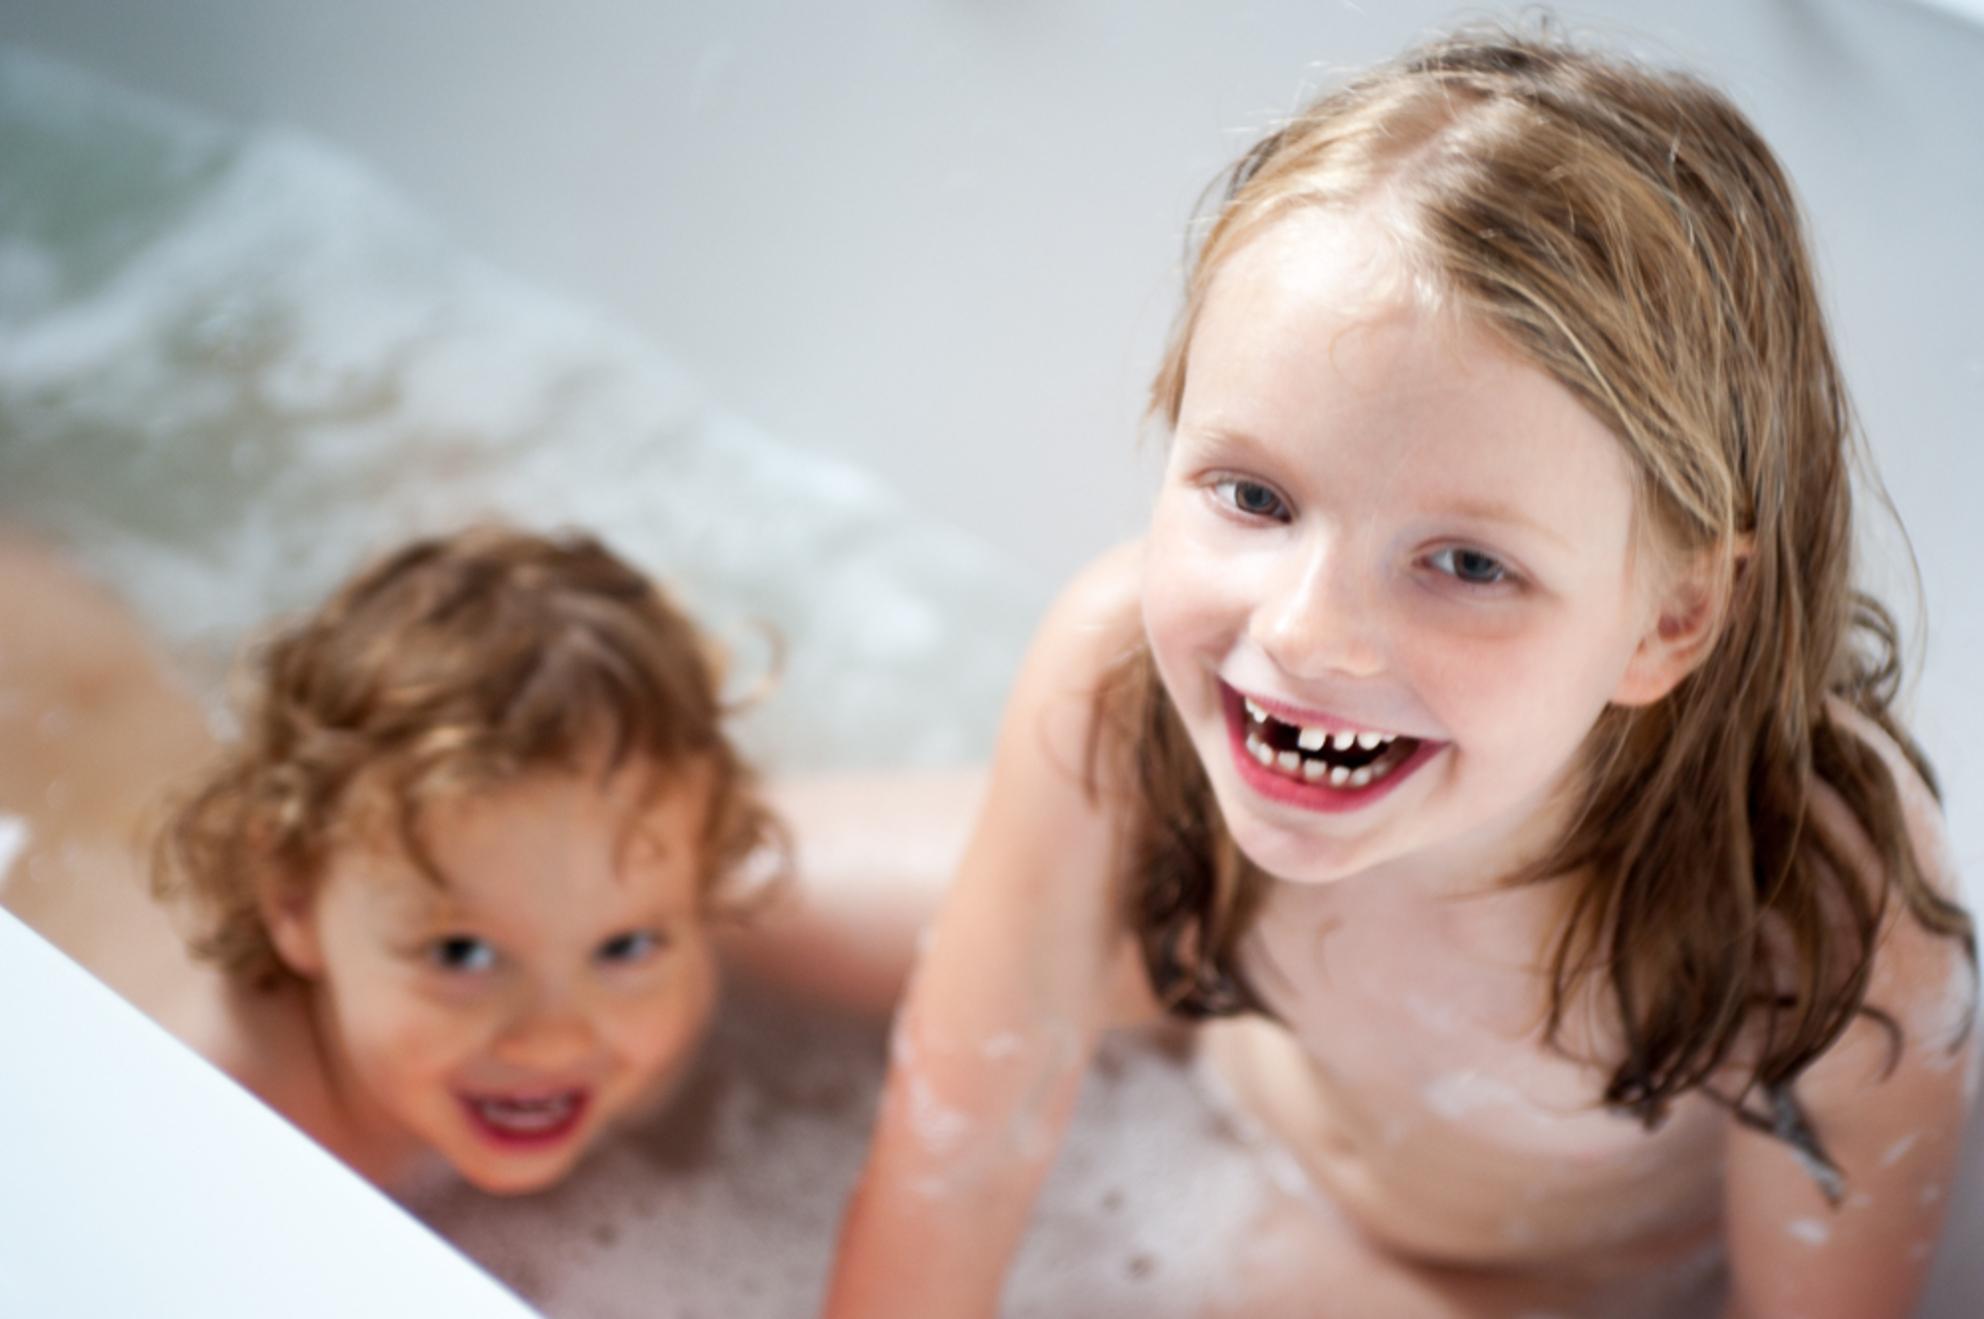 badpret - plezier in de badkuip - foto door bloemke op 28-02-2015 - deze foto bevat: portret, liefde, daglicht, kind, kinderen, lachen, meisje, jongen, lief, beauty, badkuip, badplezier